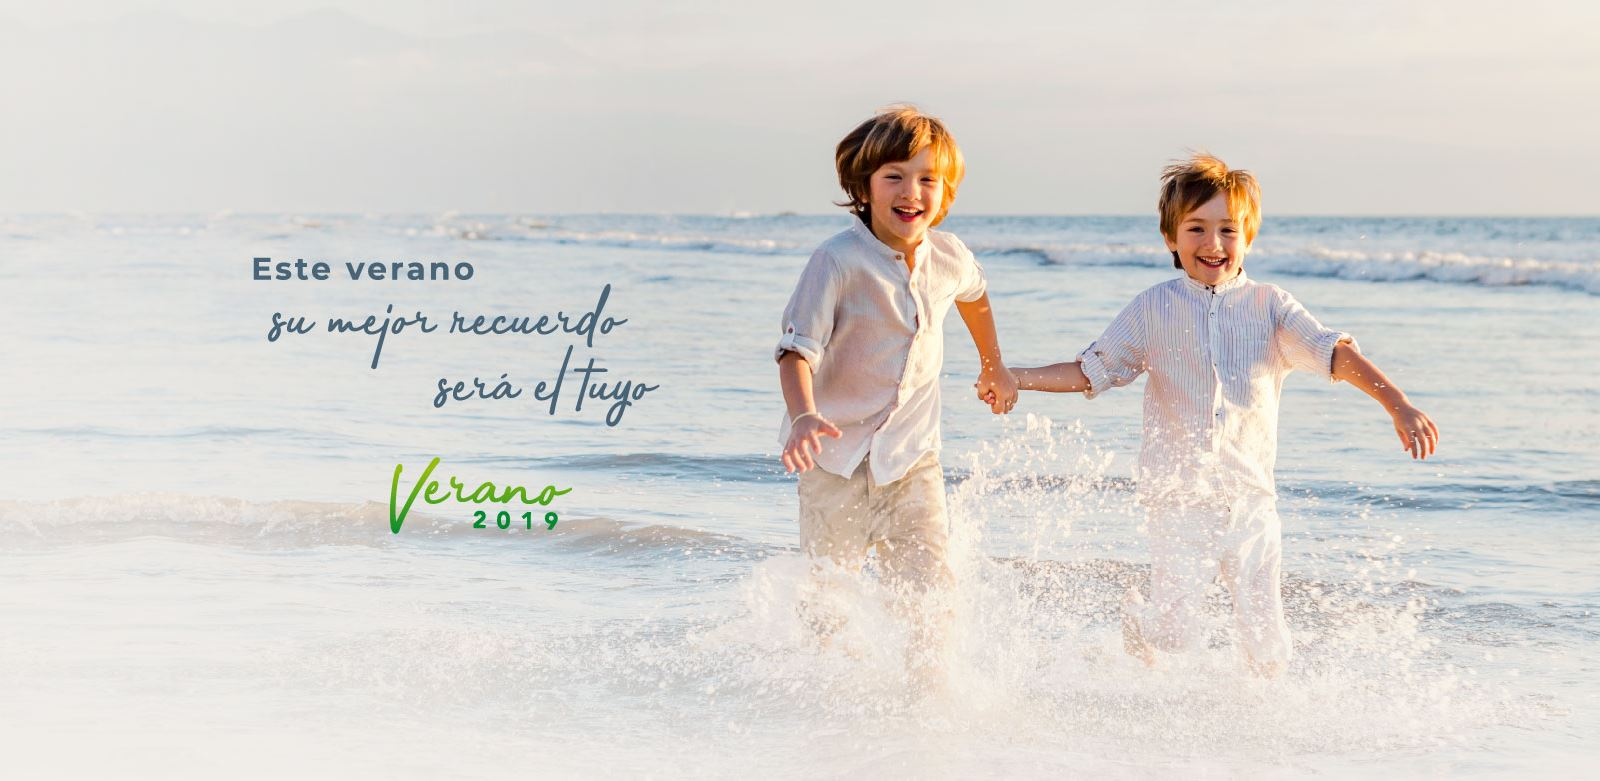 Verano 2019 - grand velas riviera nayarit